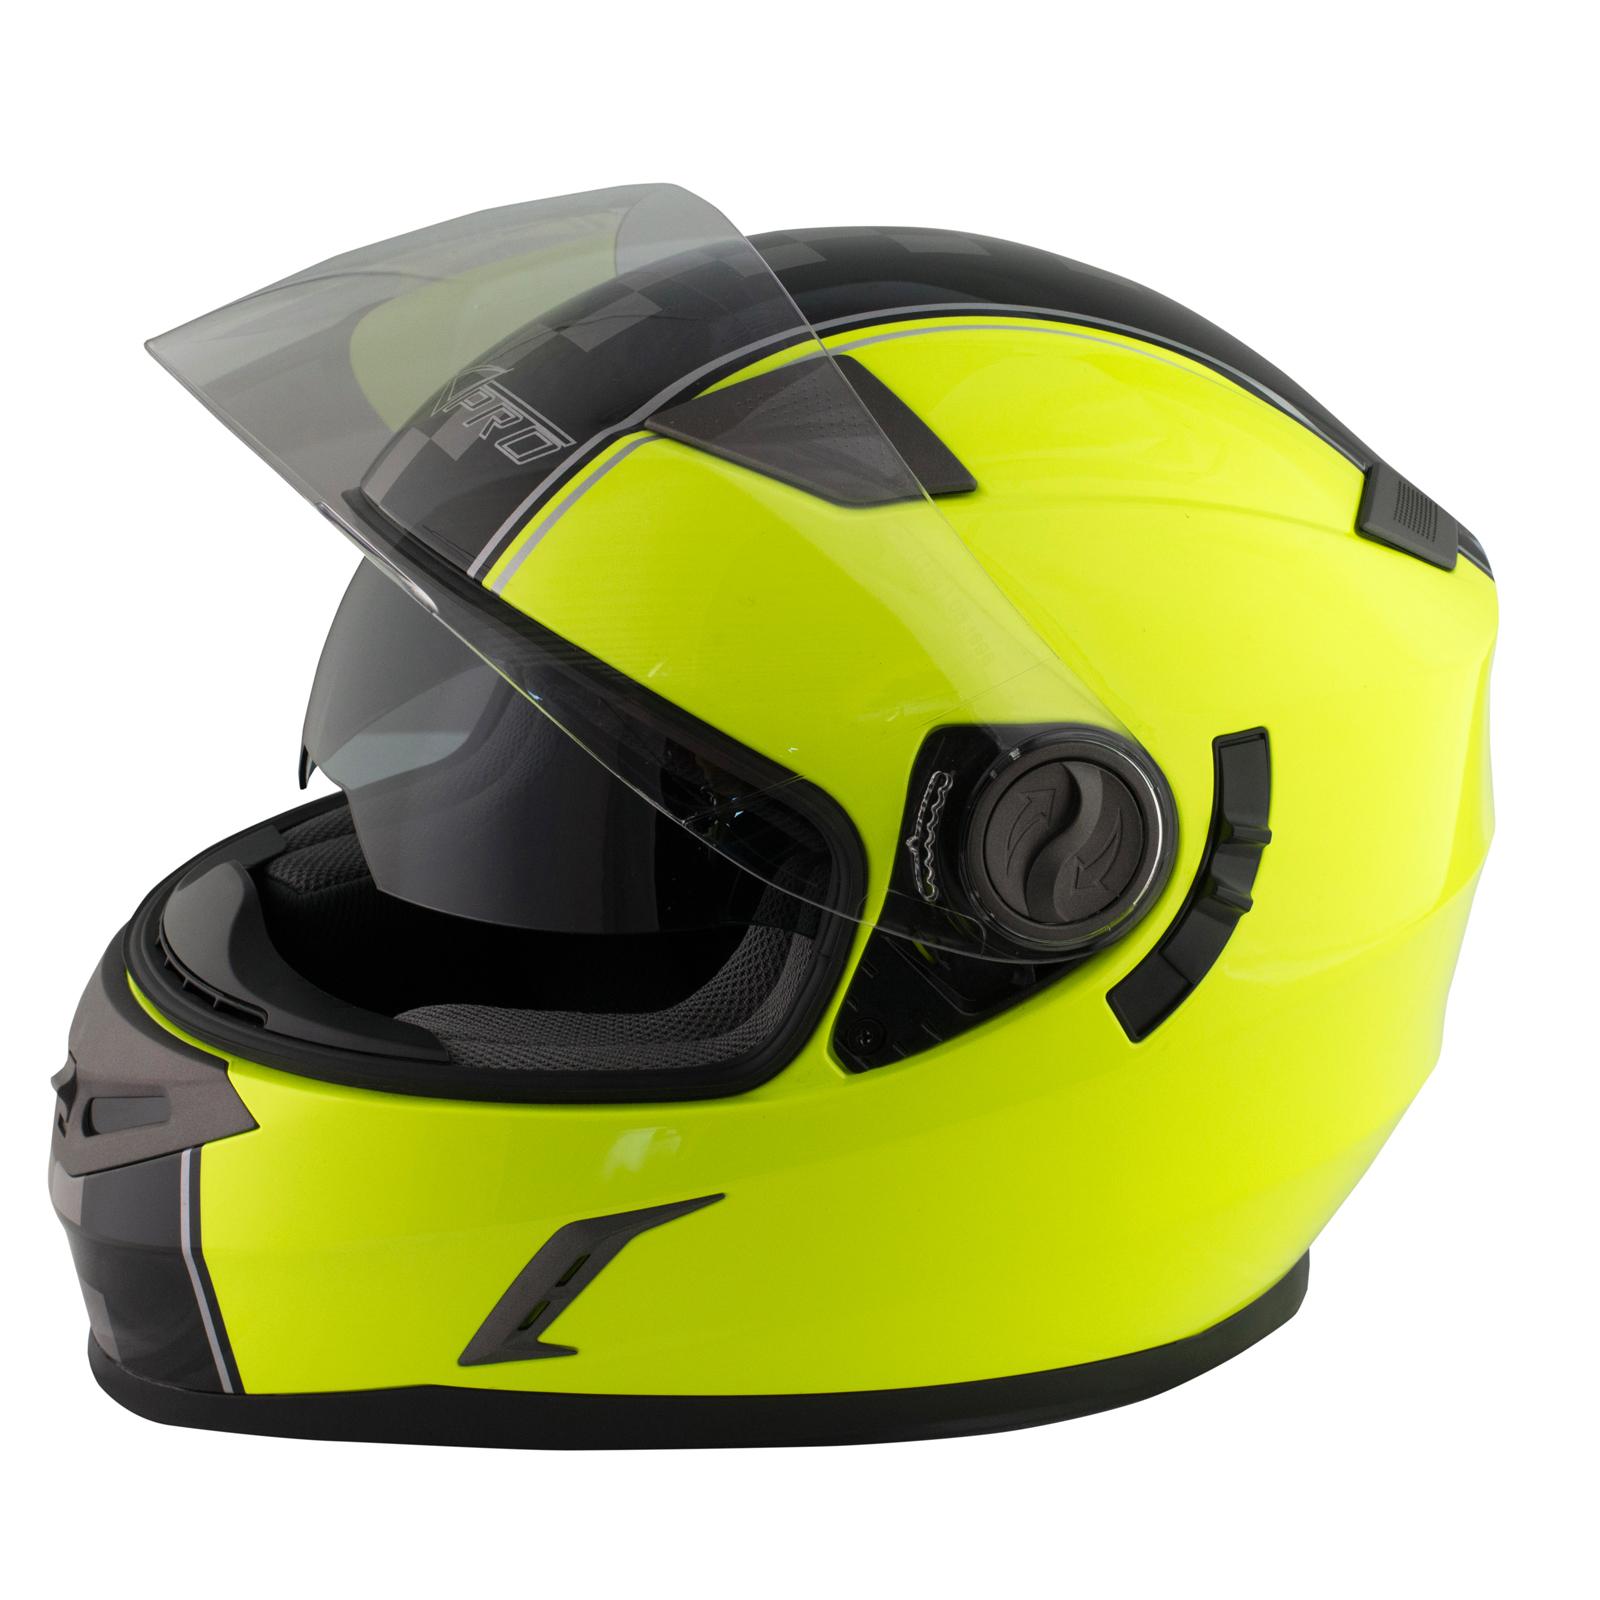 integral helm motorroller touring visier intern. Black Bedroom Furniture Sets. Home Design Ideas